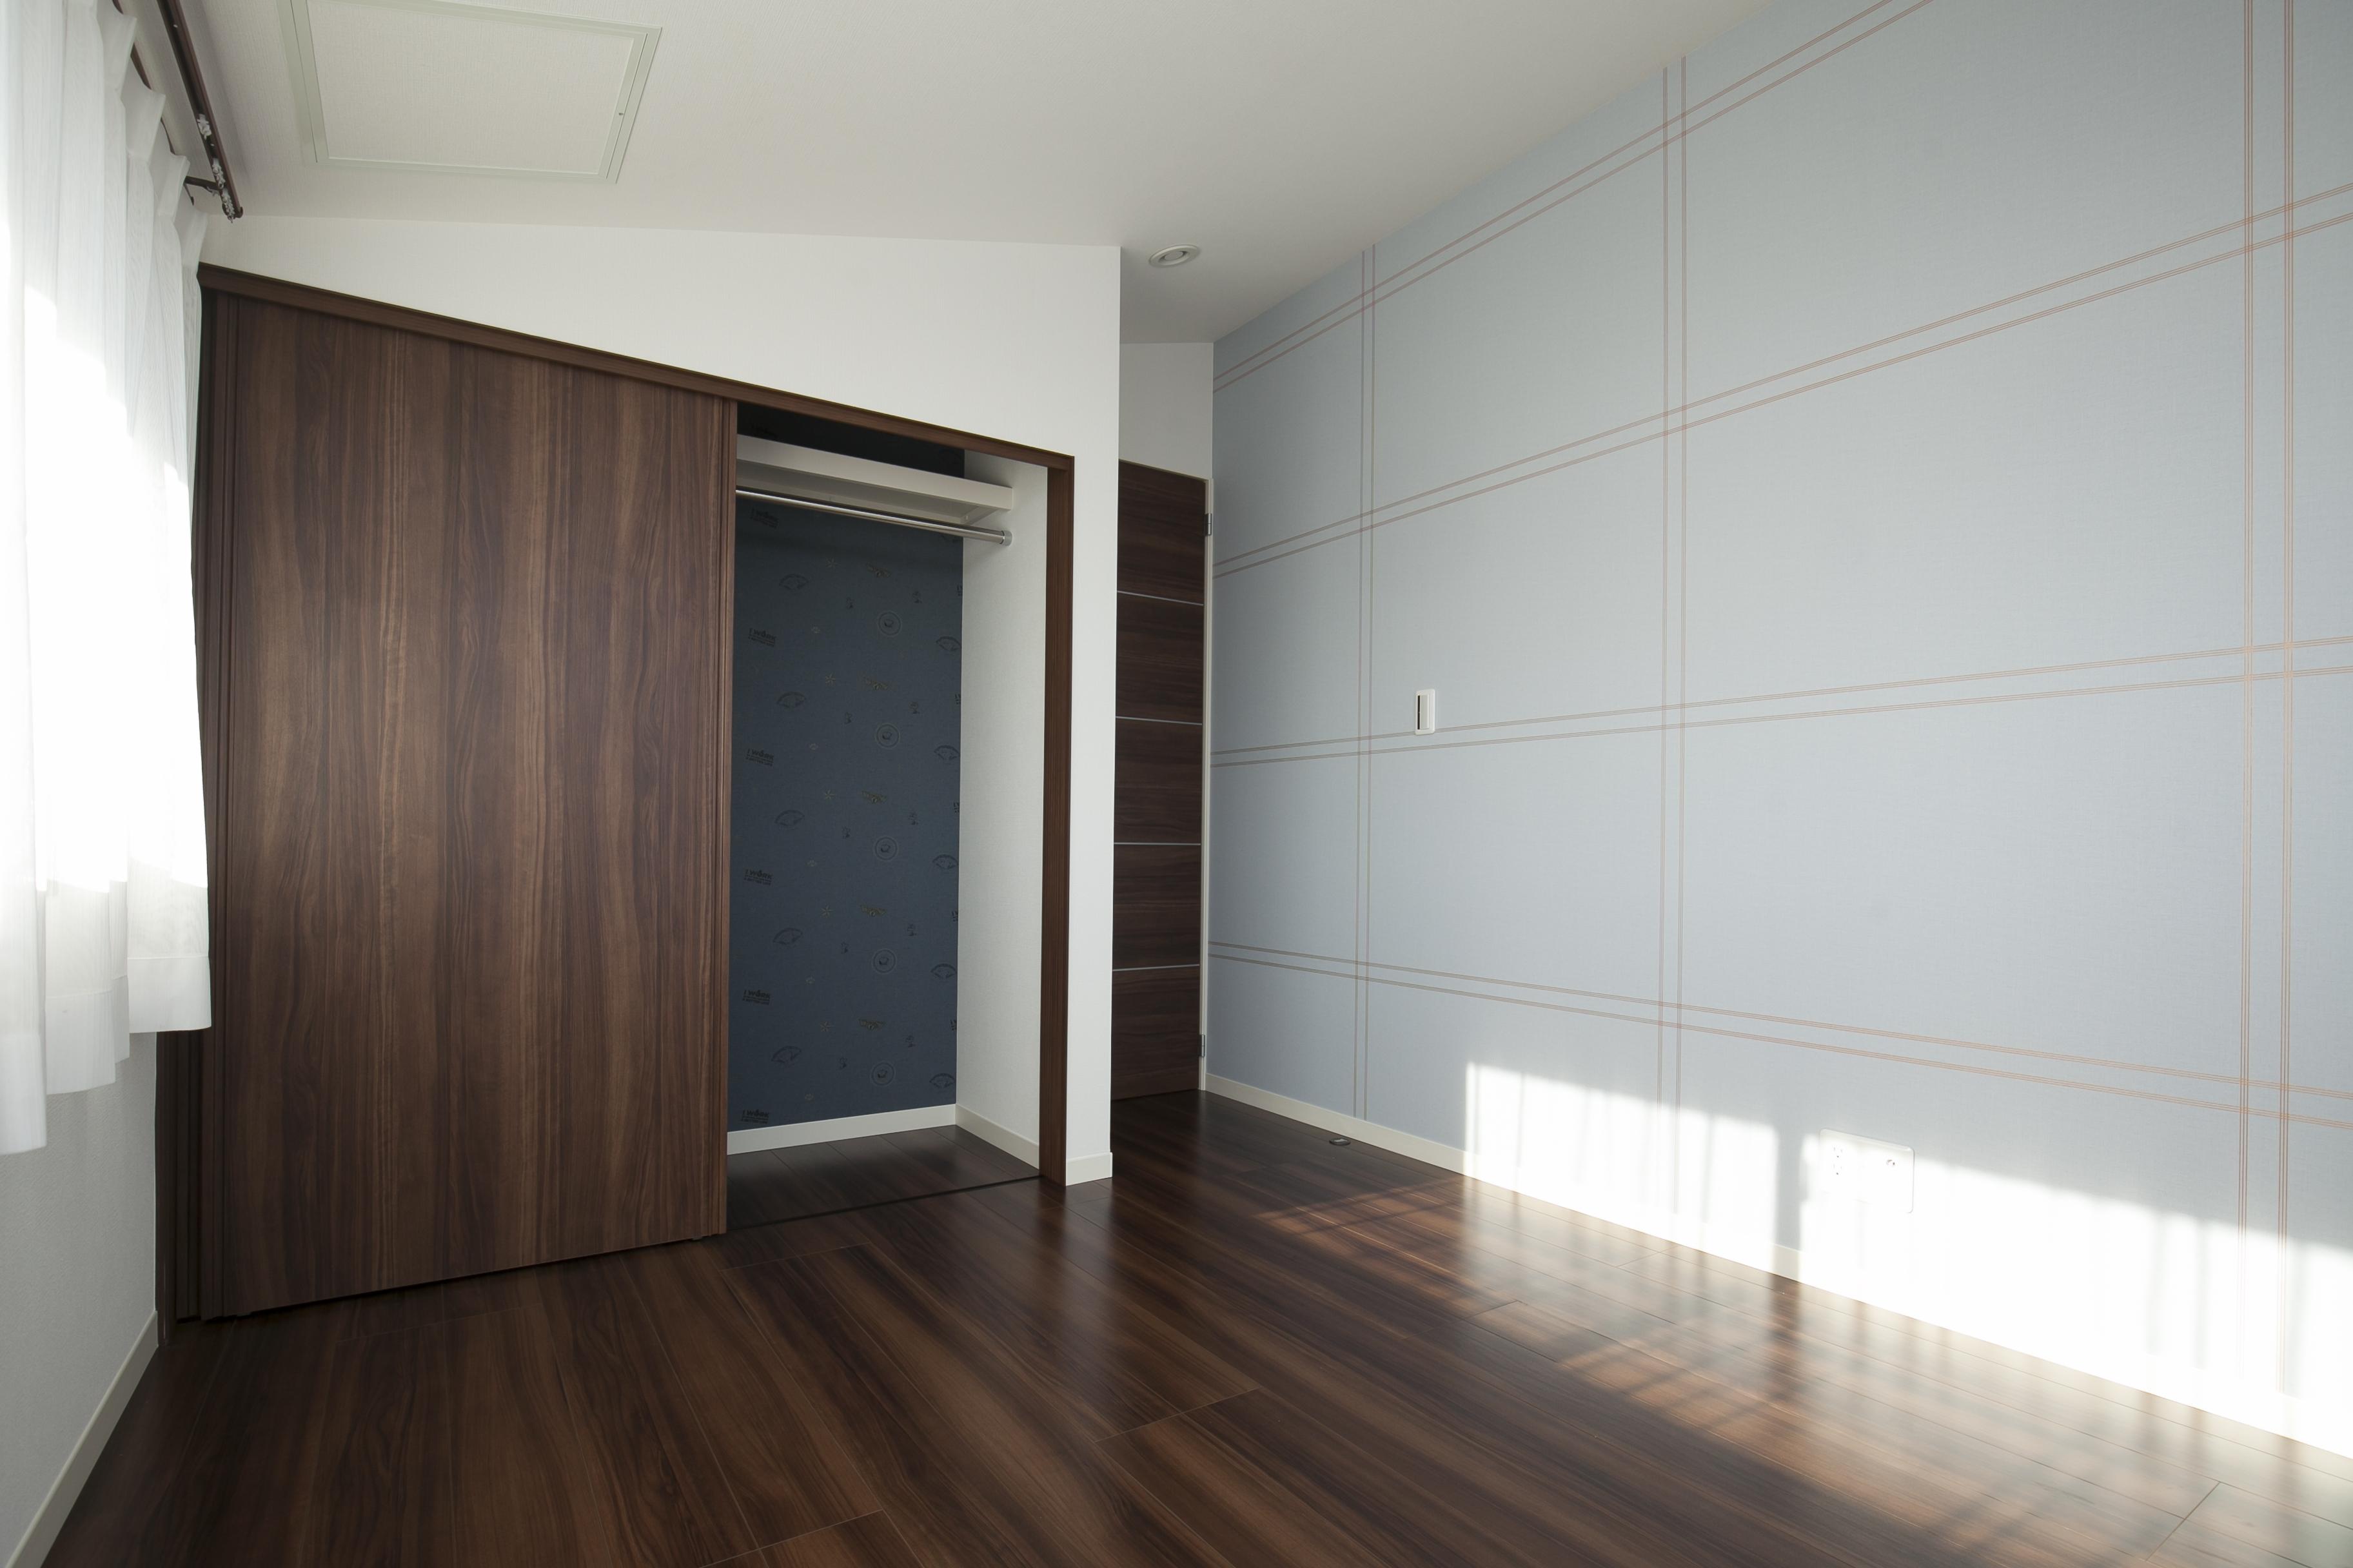 ミサワホーム静岡【デザイン住宅、収納力、スキップフロア】子供部屋の壁にはアクセントクロスを貼り、楽しく明るく過ごせるデザインに